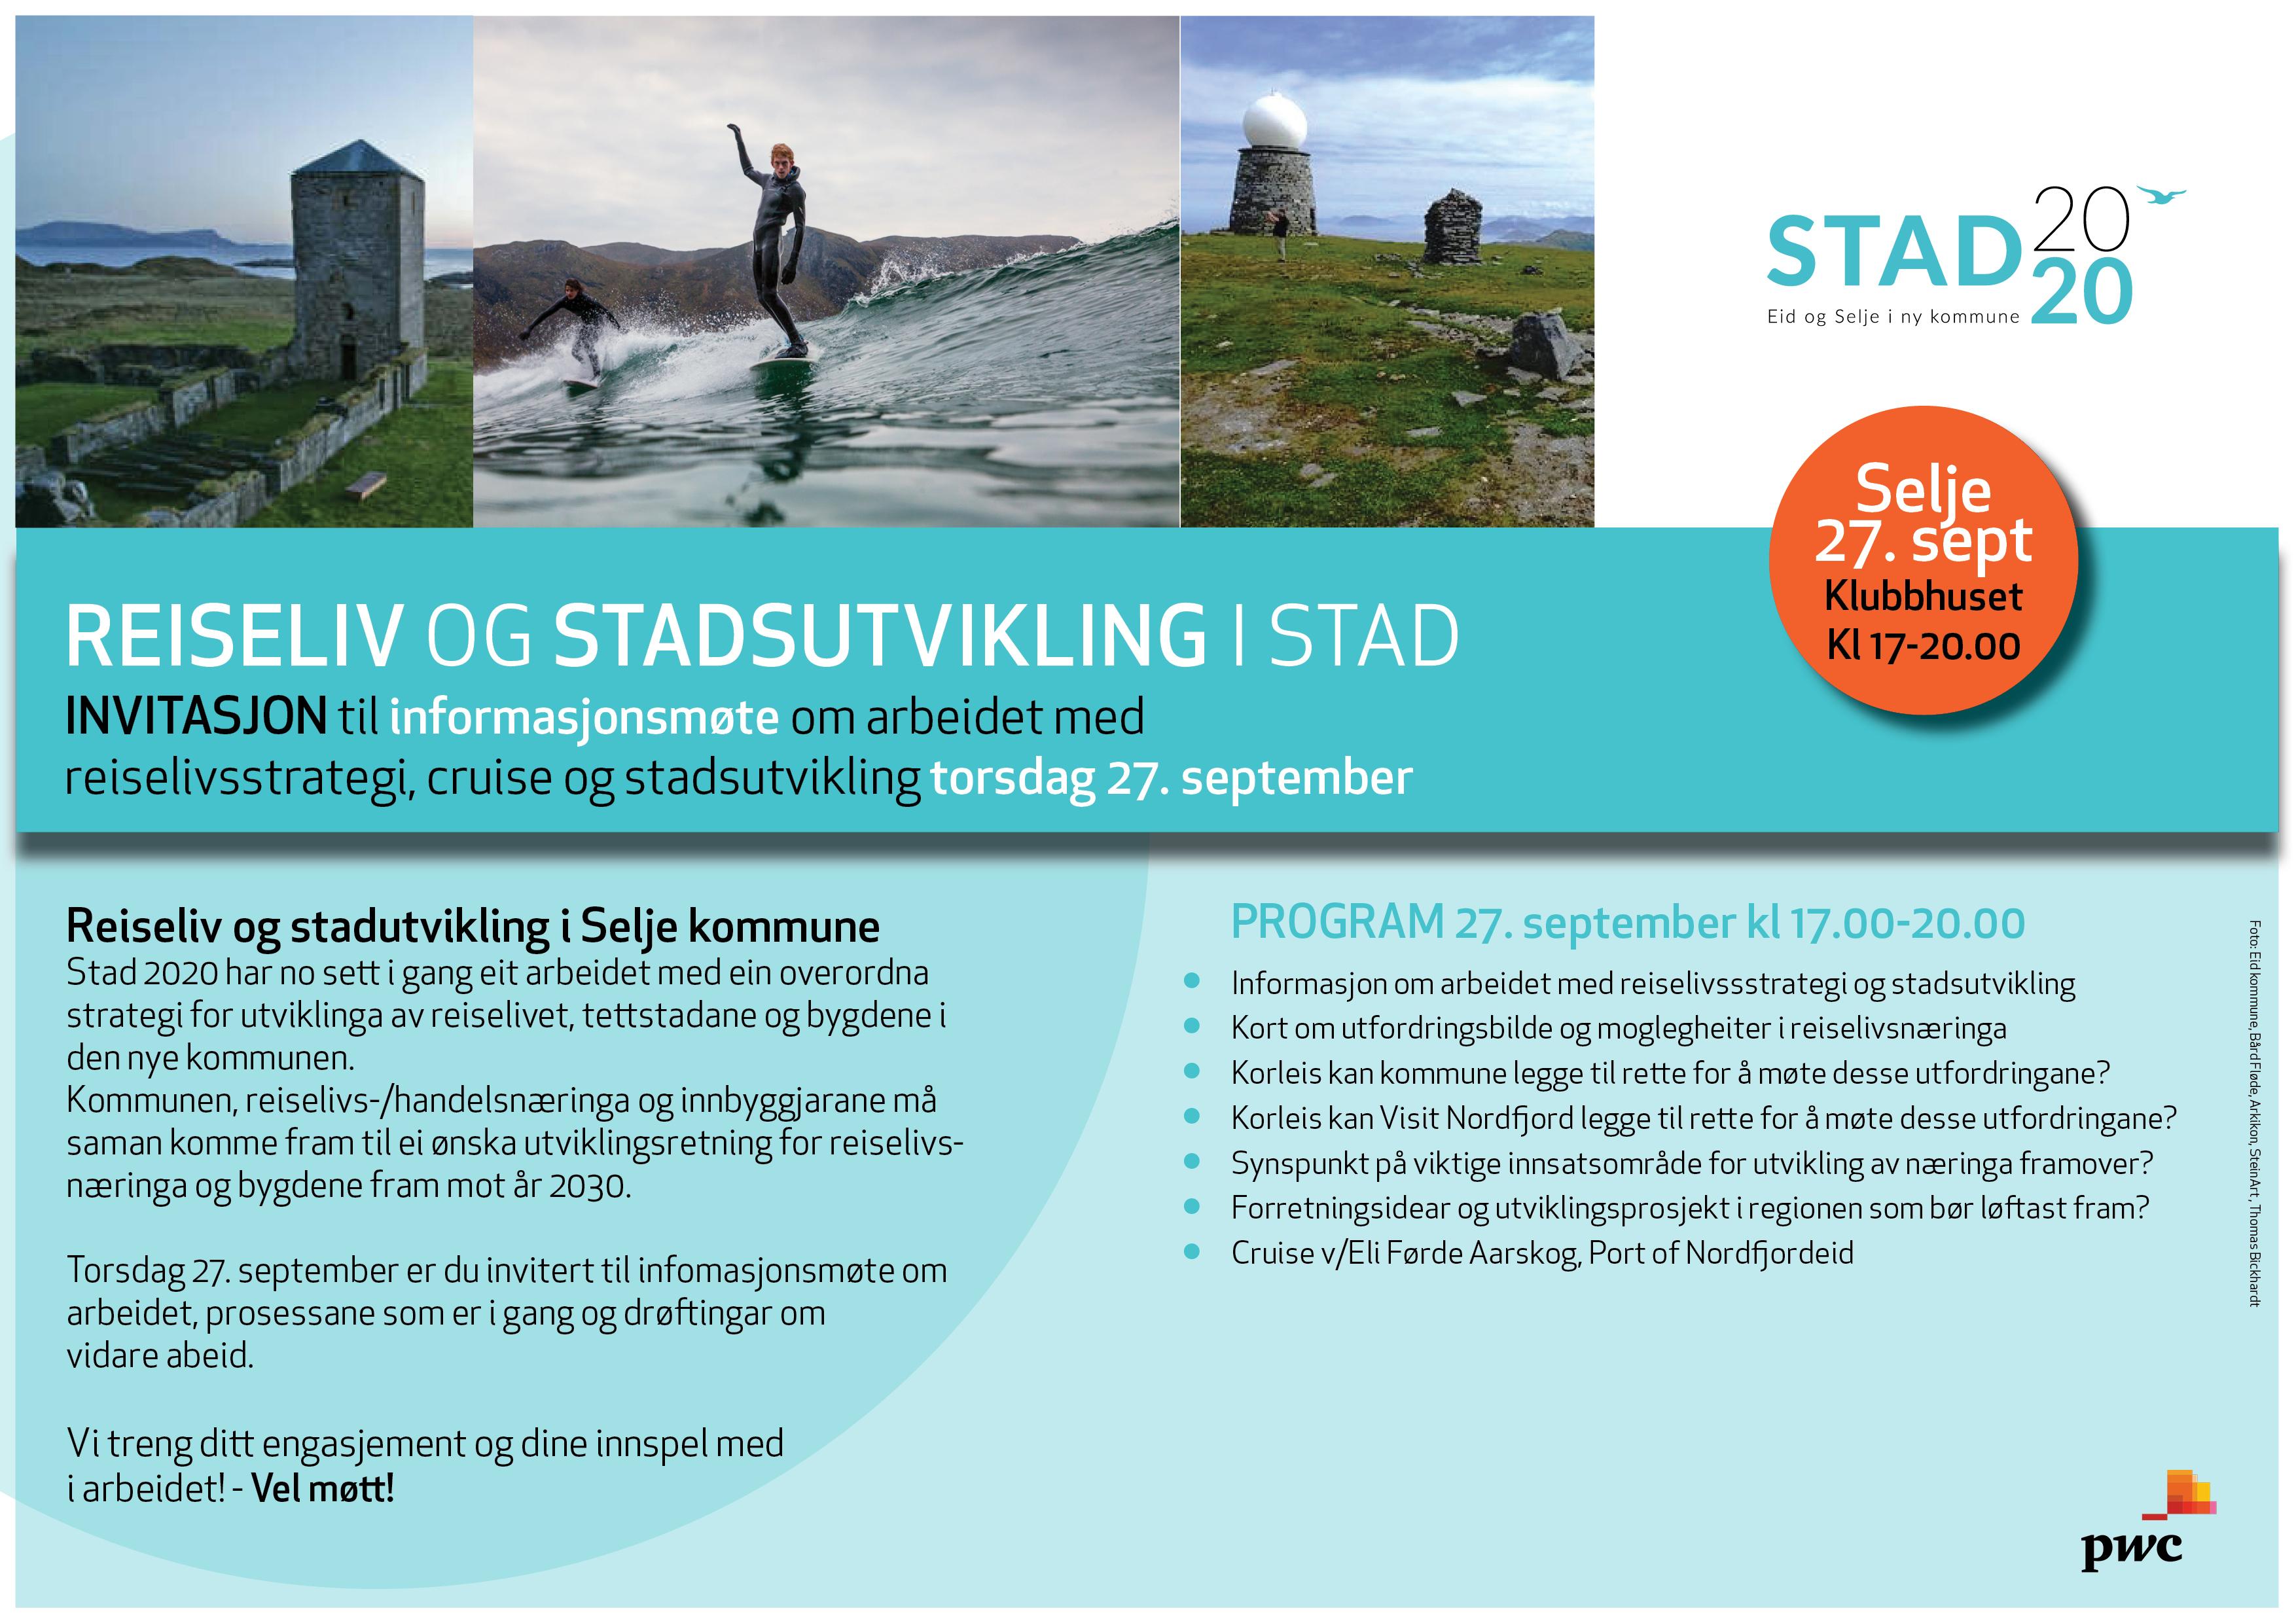 Invitasjon 27. september - reiseliv, cruise og stadsutvikling.jpg